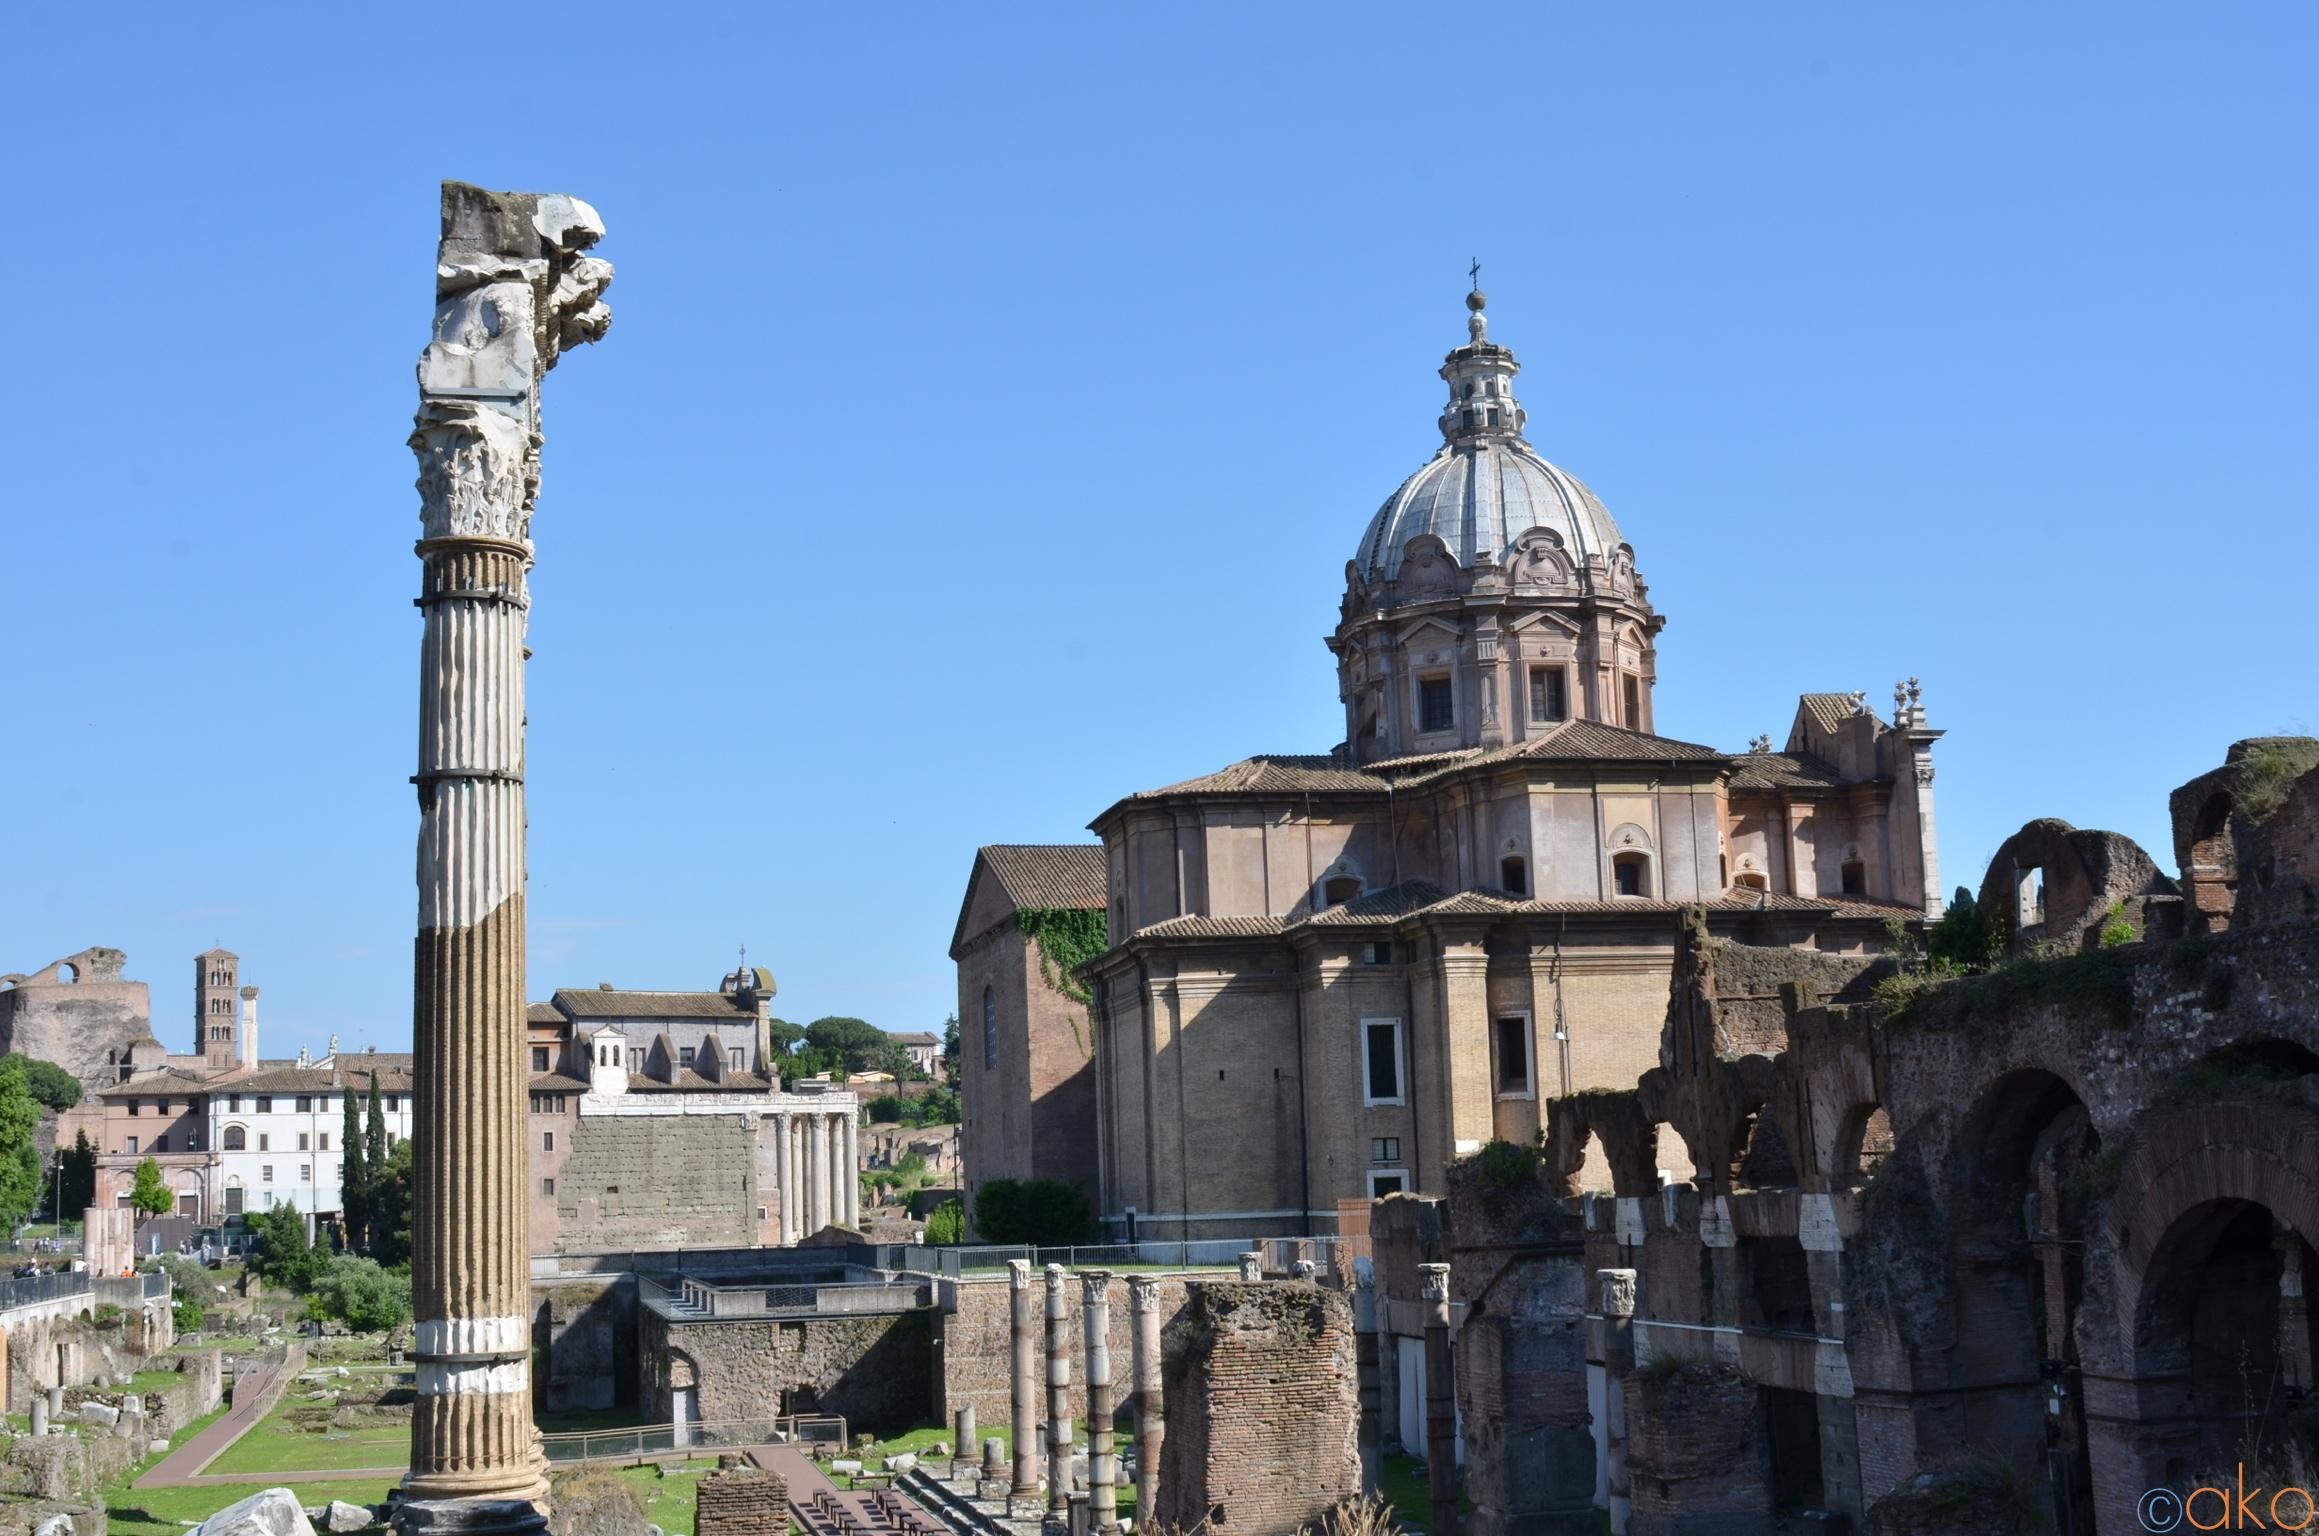 これだけは絶対!ローマ「フォロ・ロマーノ」必見ポイント5選   トラベルダイアリー